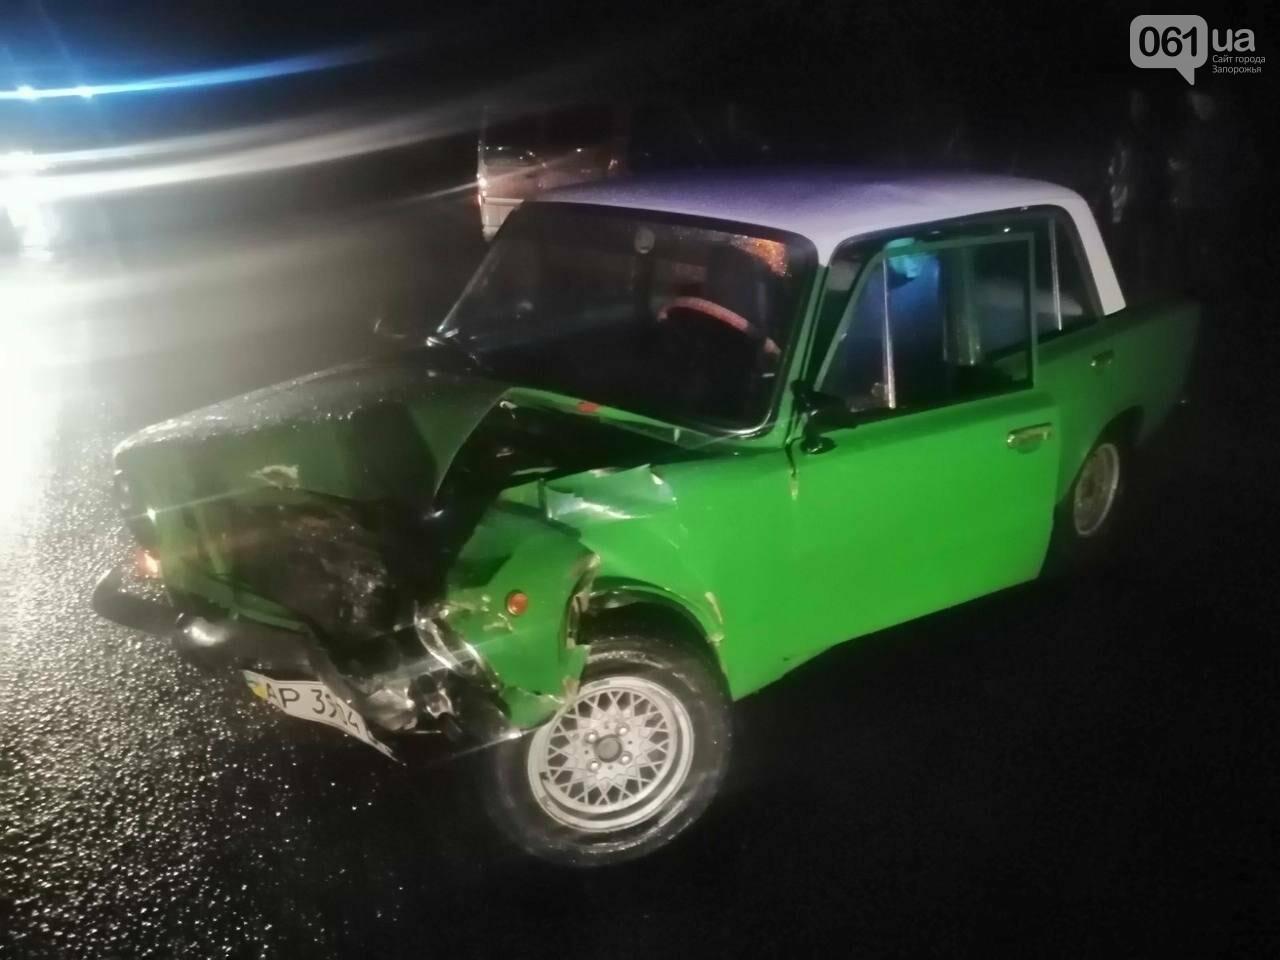 В Запорожье на трассе столкнулись два ВАЗа - одного из водителей доставали спасатели  , фото-1